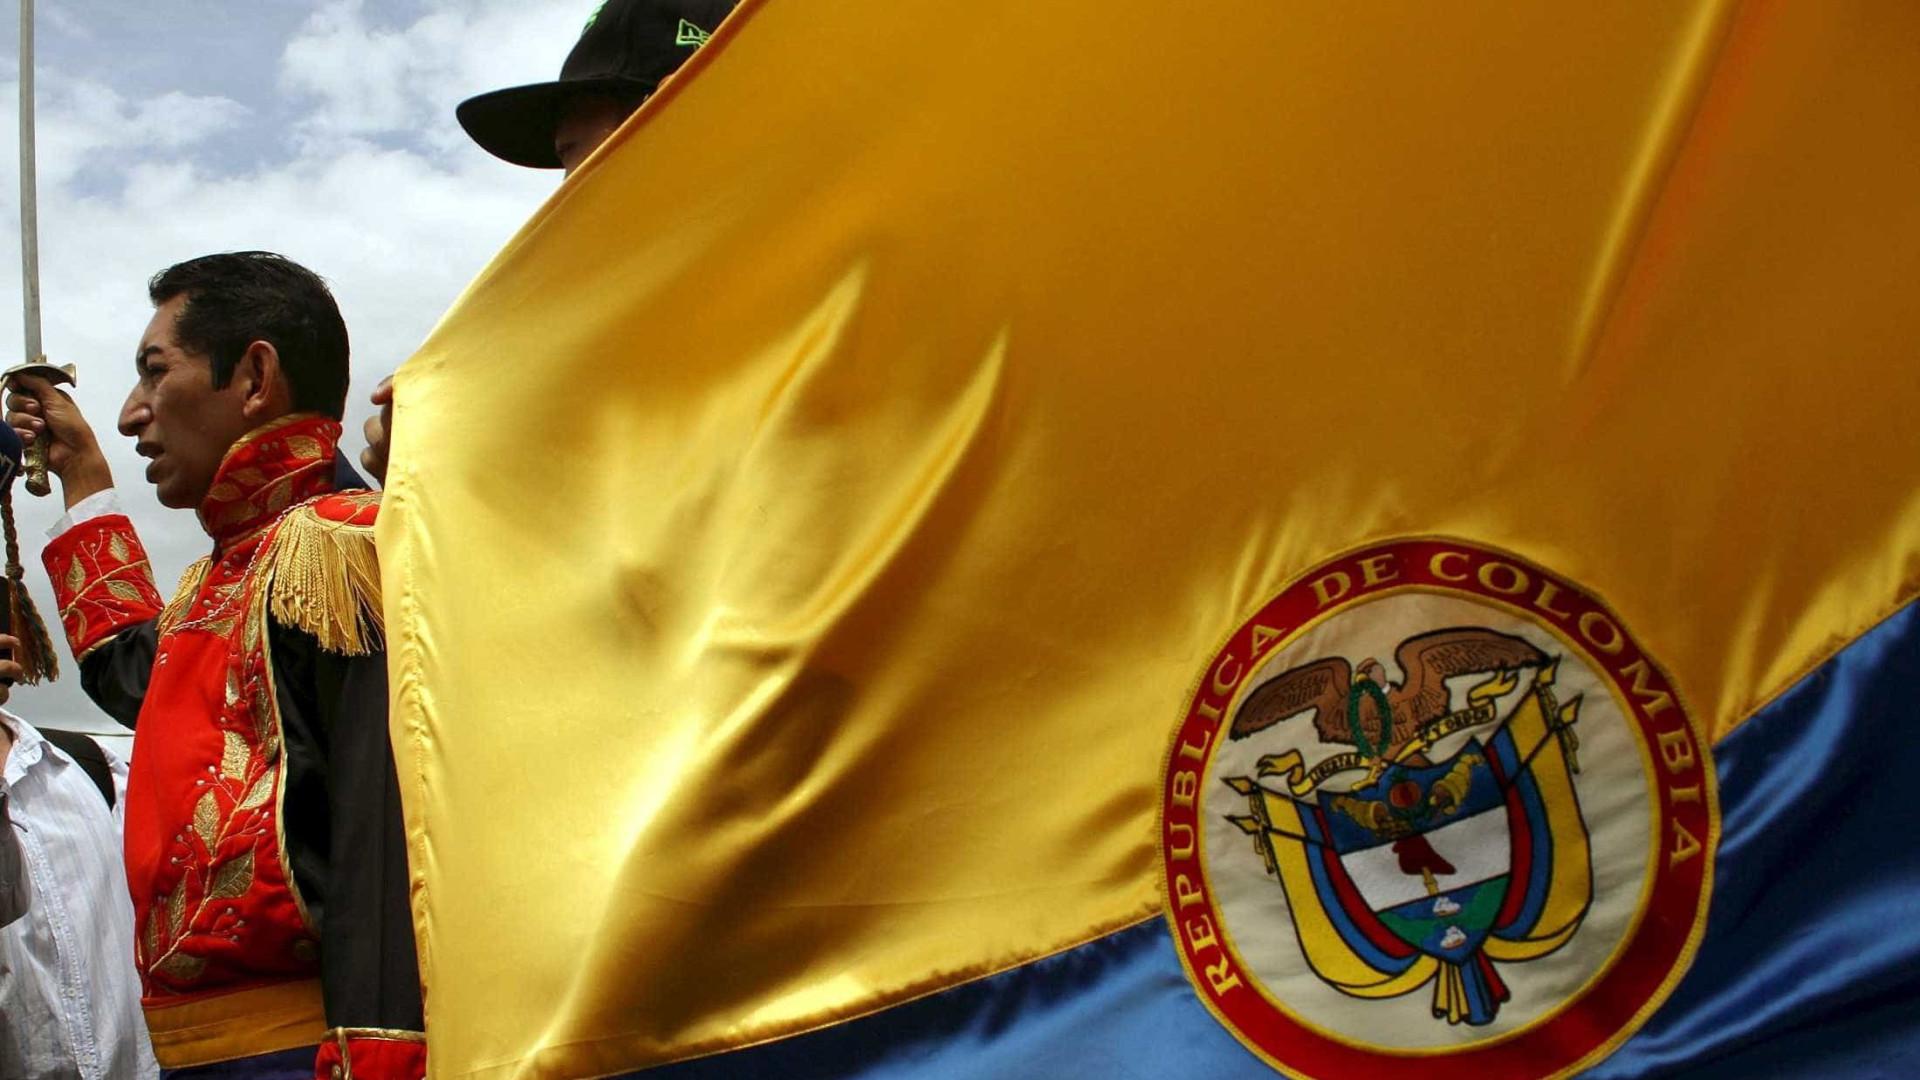 Deslizamento de terras na Colômbia faz pelo menos quatro mortos